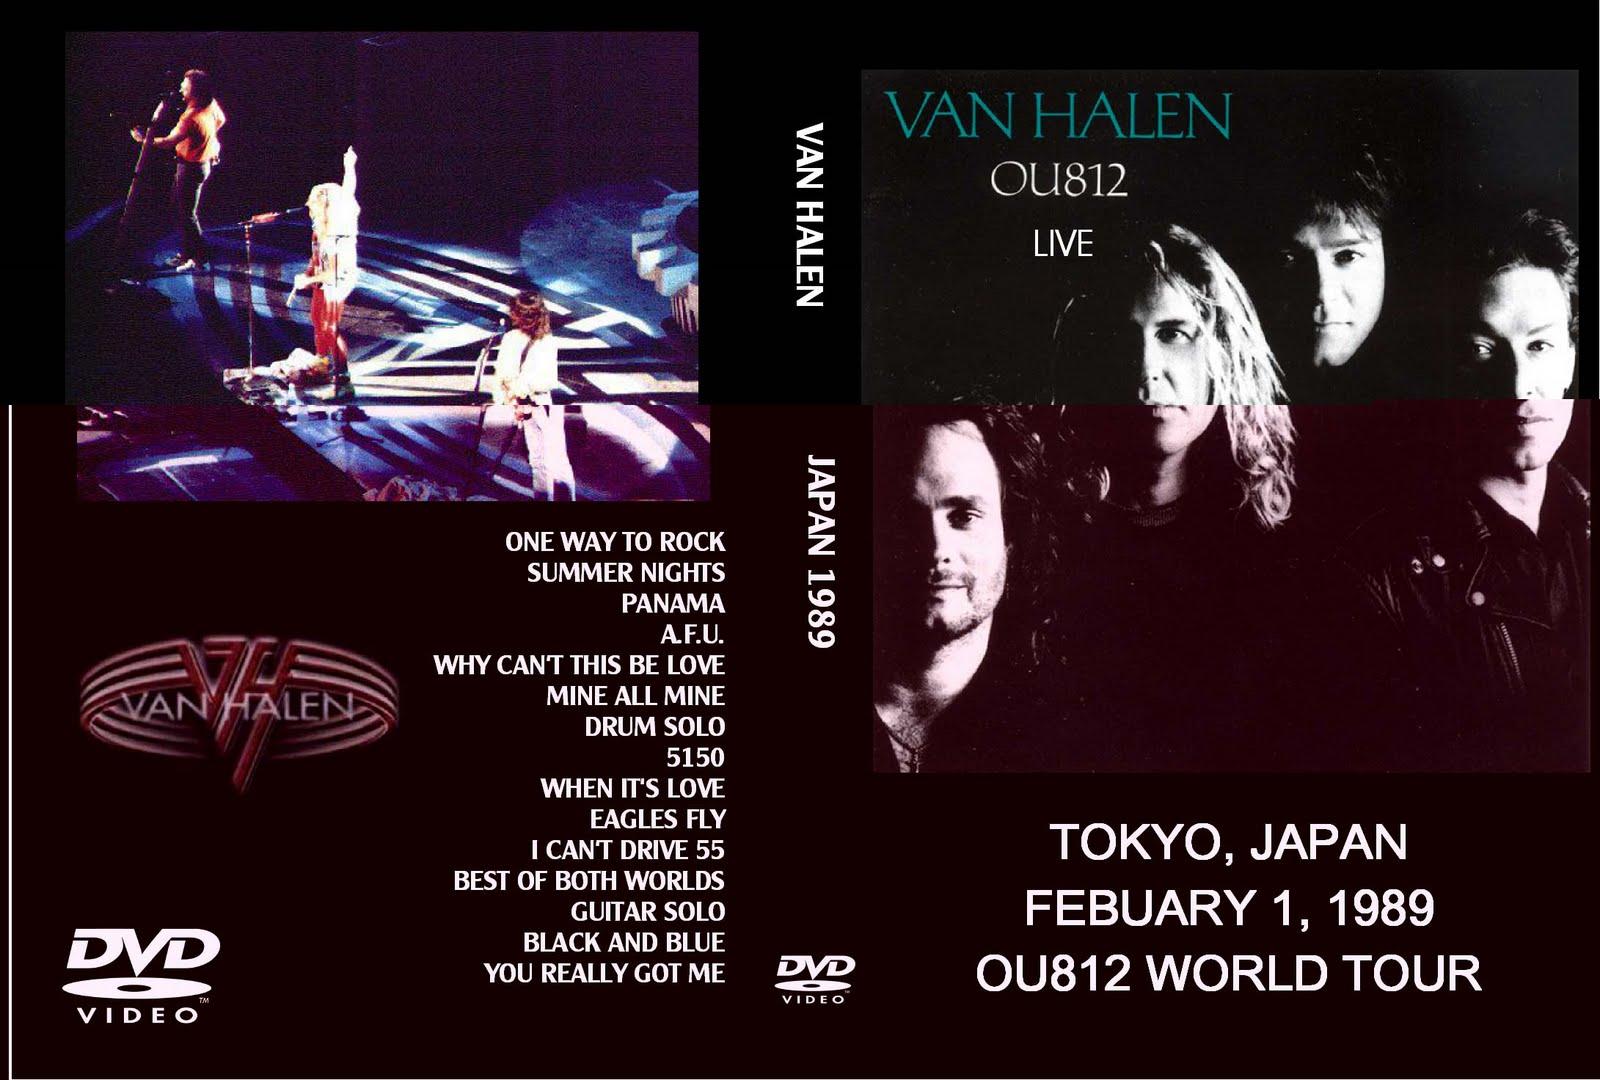 Deer 5001: Van Halen - Tokyo, Japan - 1989-01-02